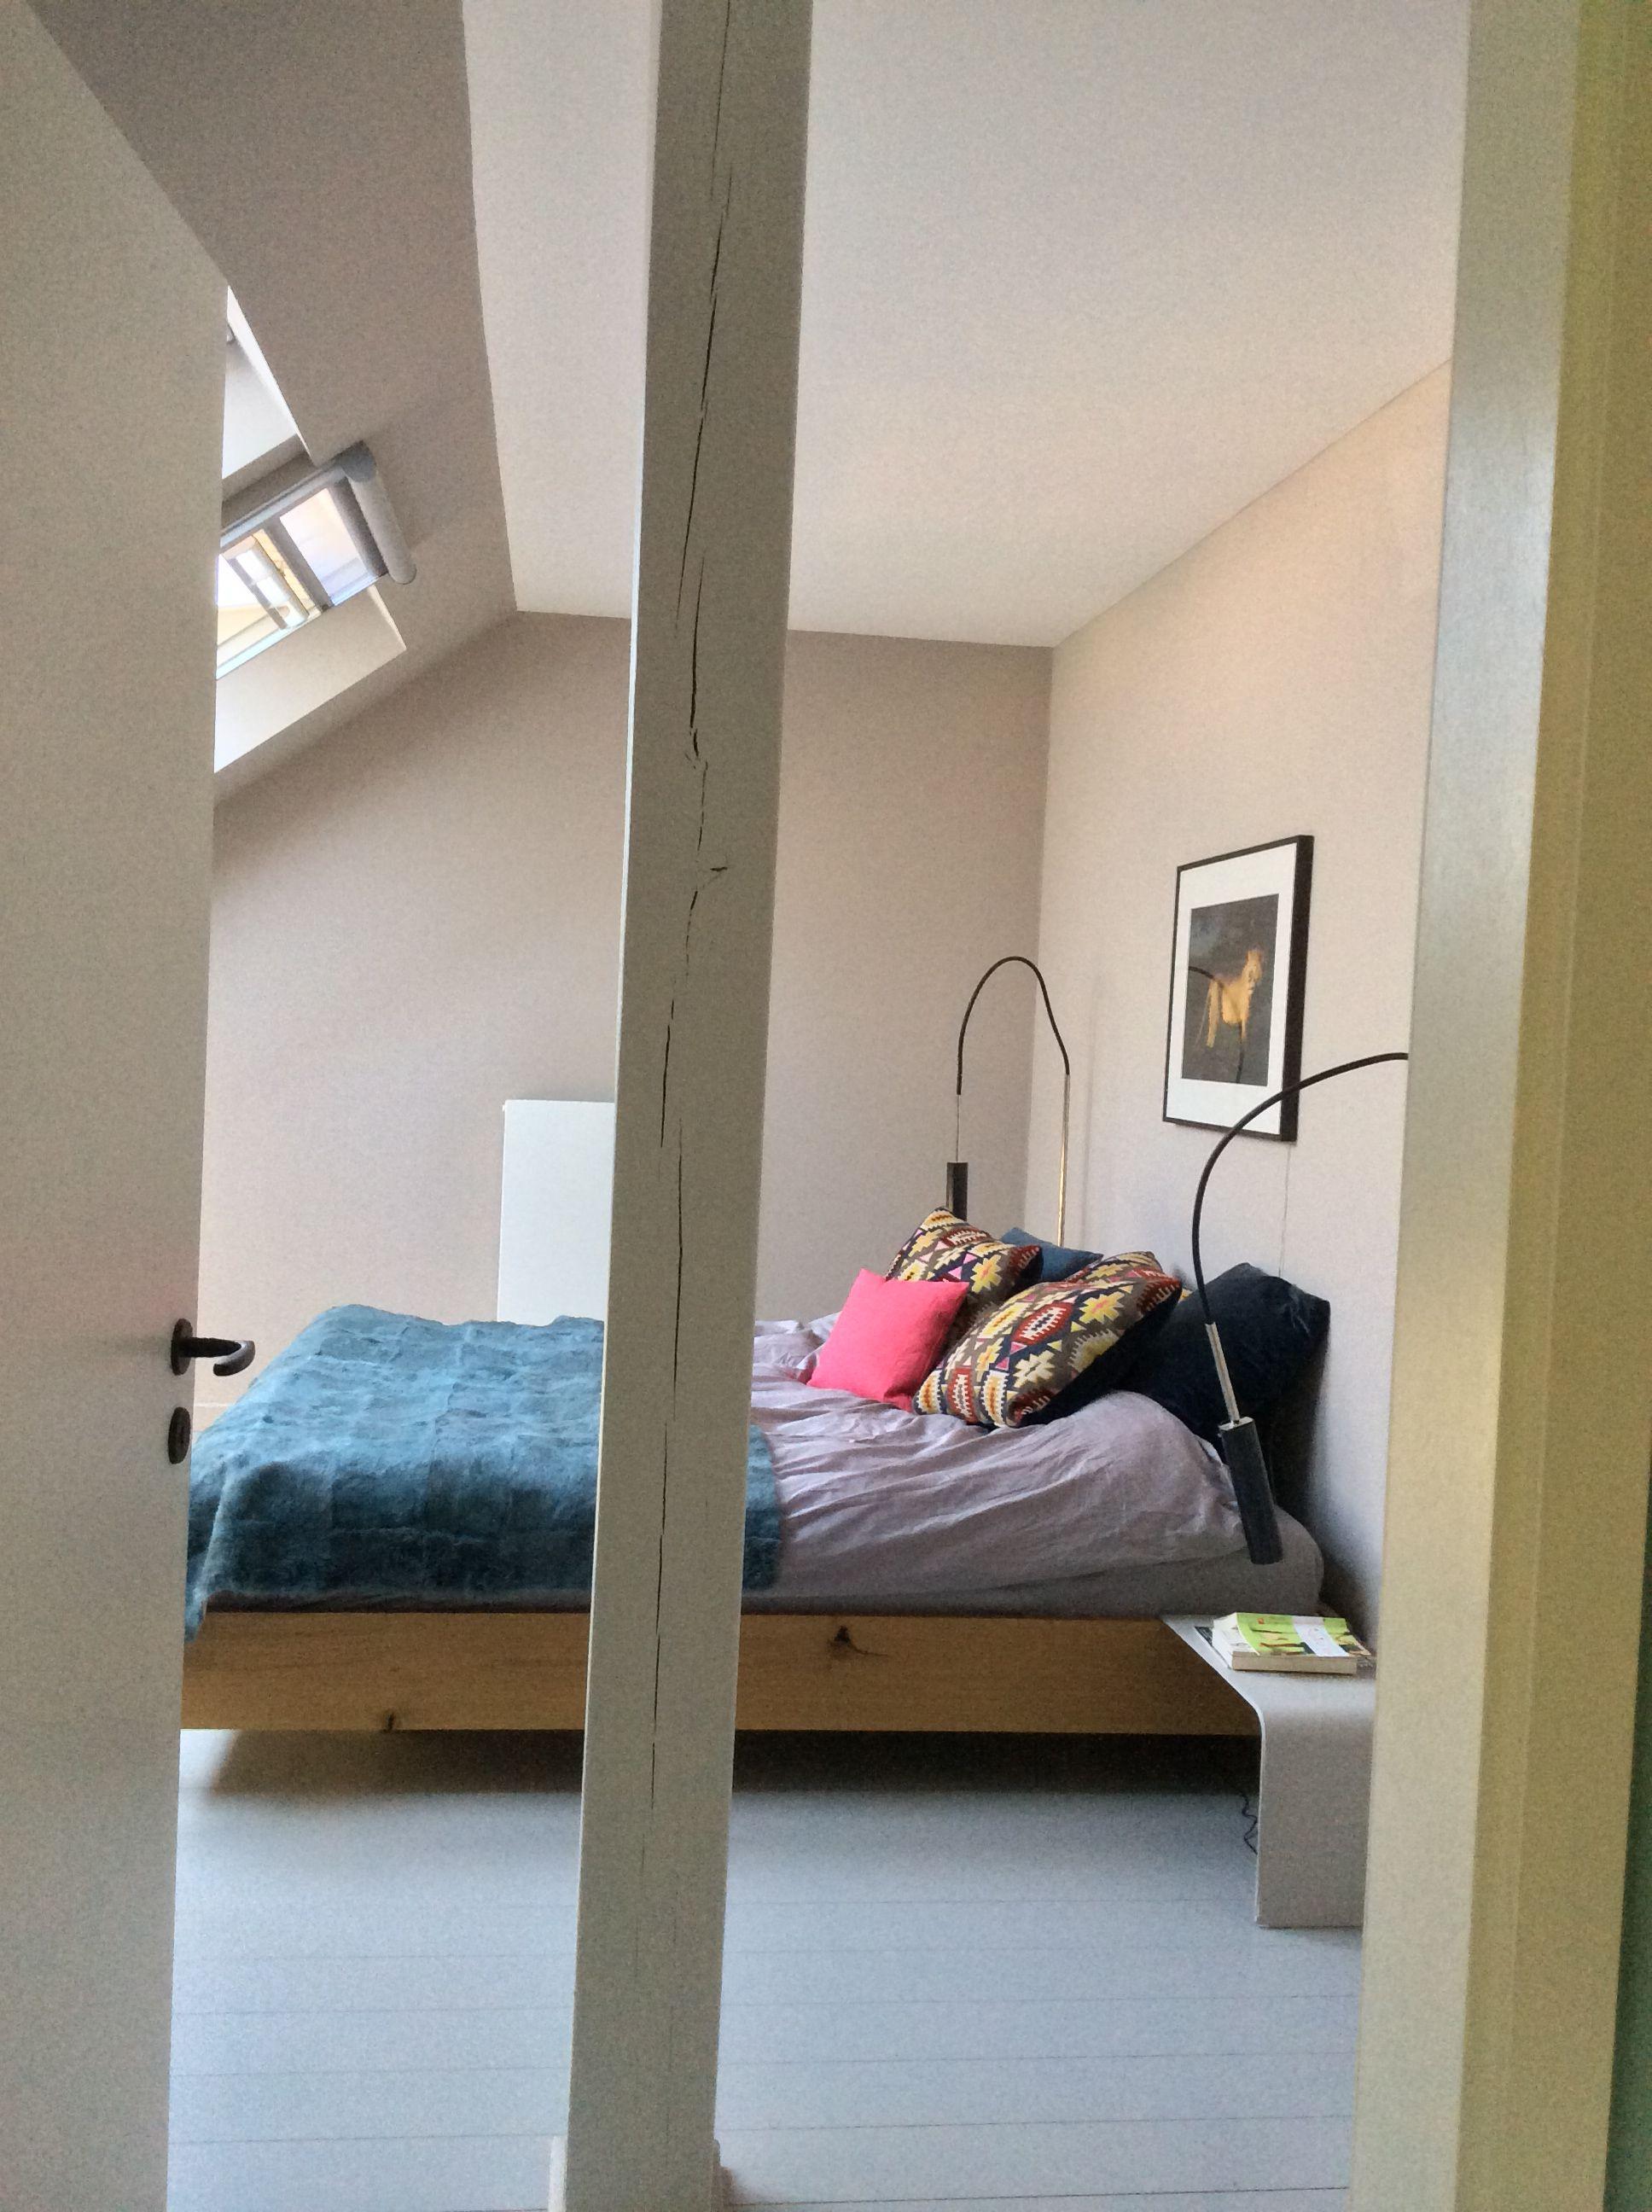 Schlafzimmer in einem Haus im Wald - Wände gestrichen in 'Portobello'